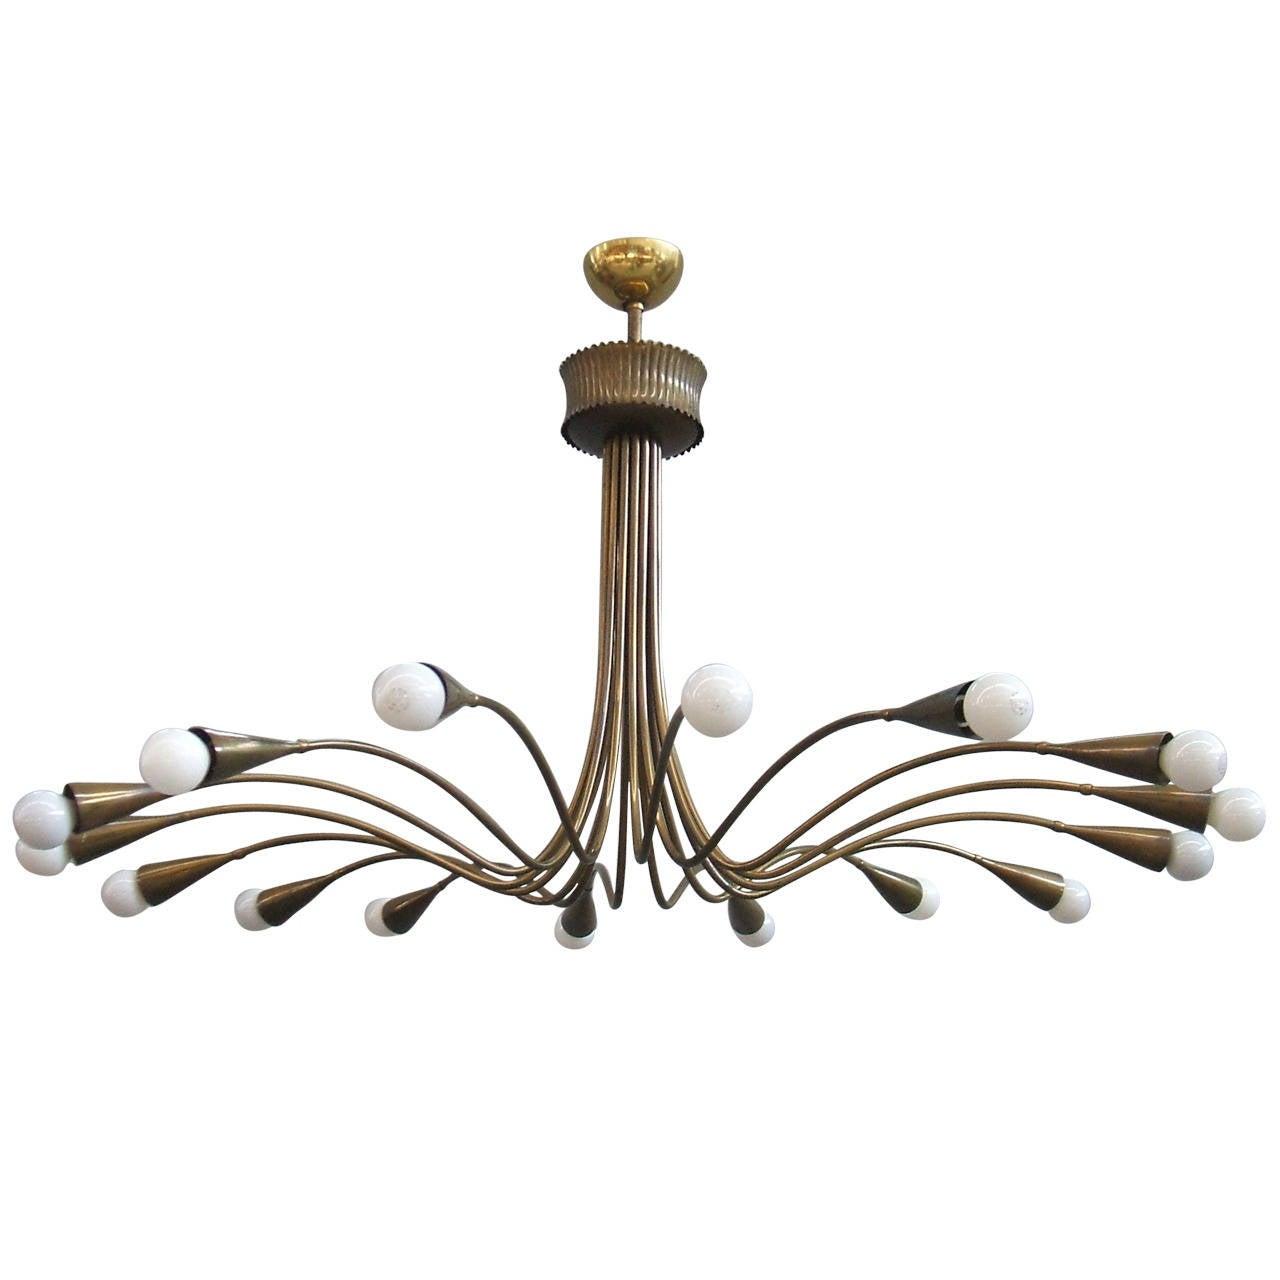 Wonderful arredoluce brass chandelier at 1stdibs for Arredo luce